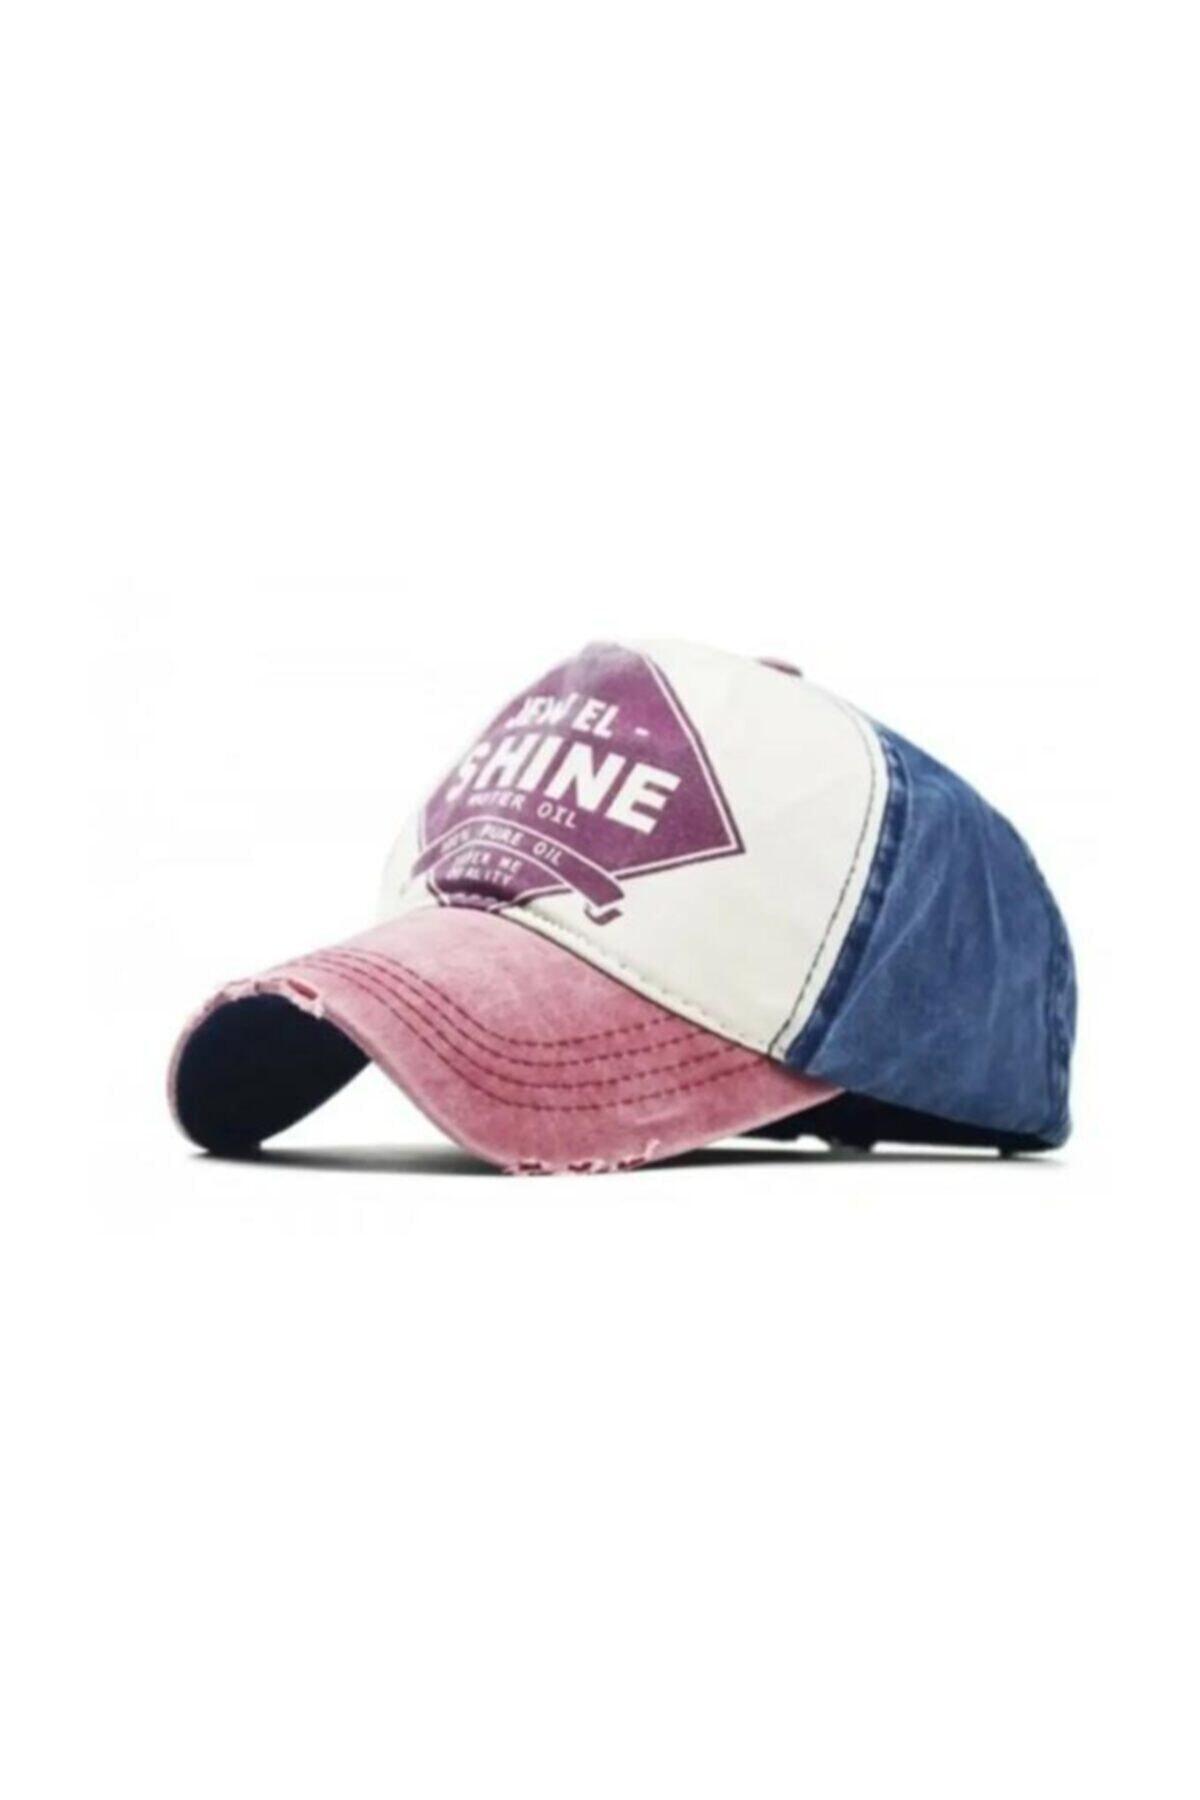 Orçun Özkarlıklı Jewel Shine Beyzbol Şapka Eskitme 2021 1